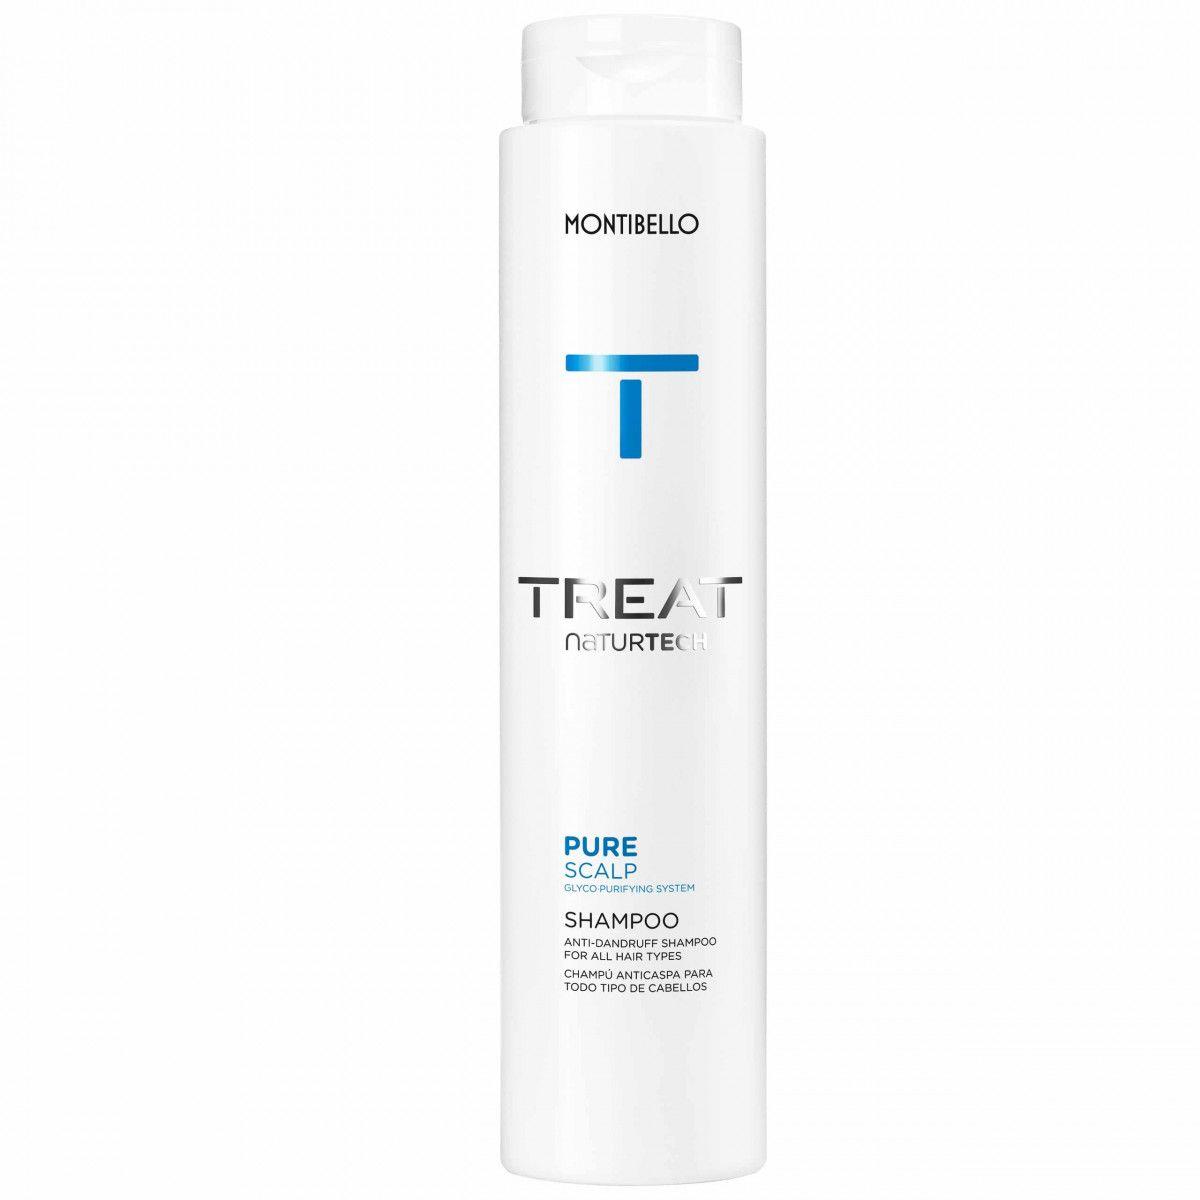 Montibello Pure Scalp szampon przeciwłupieżowy 300 ml